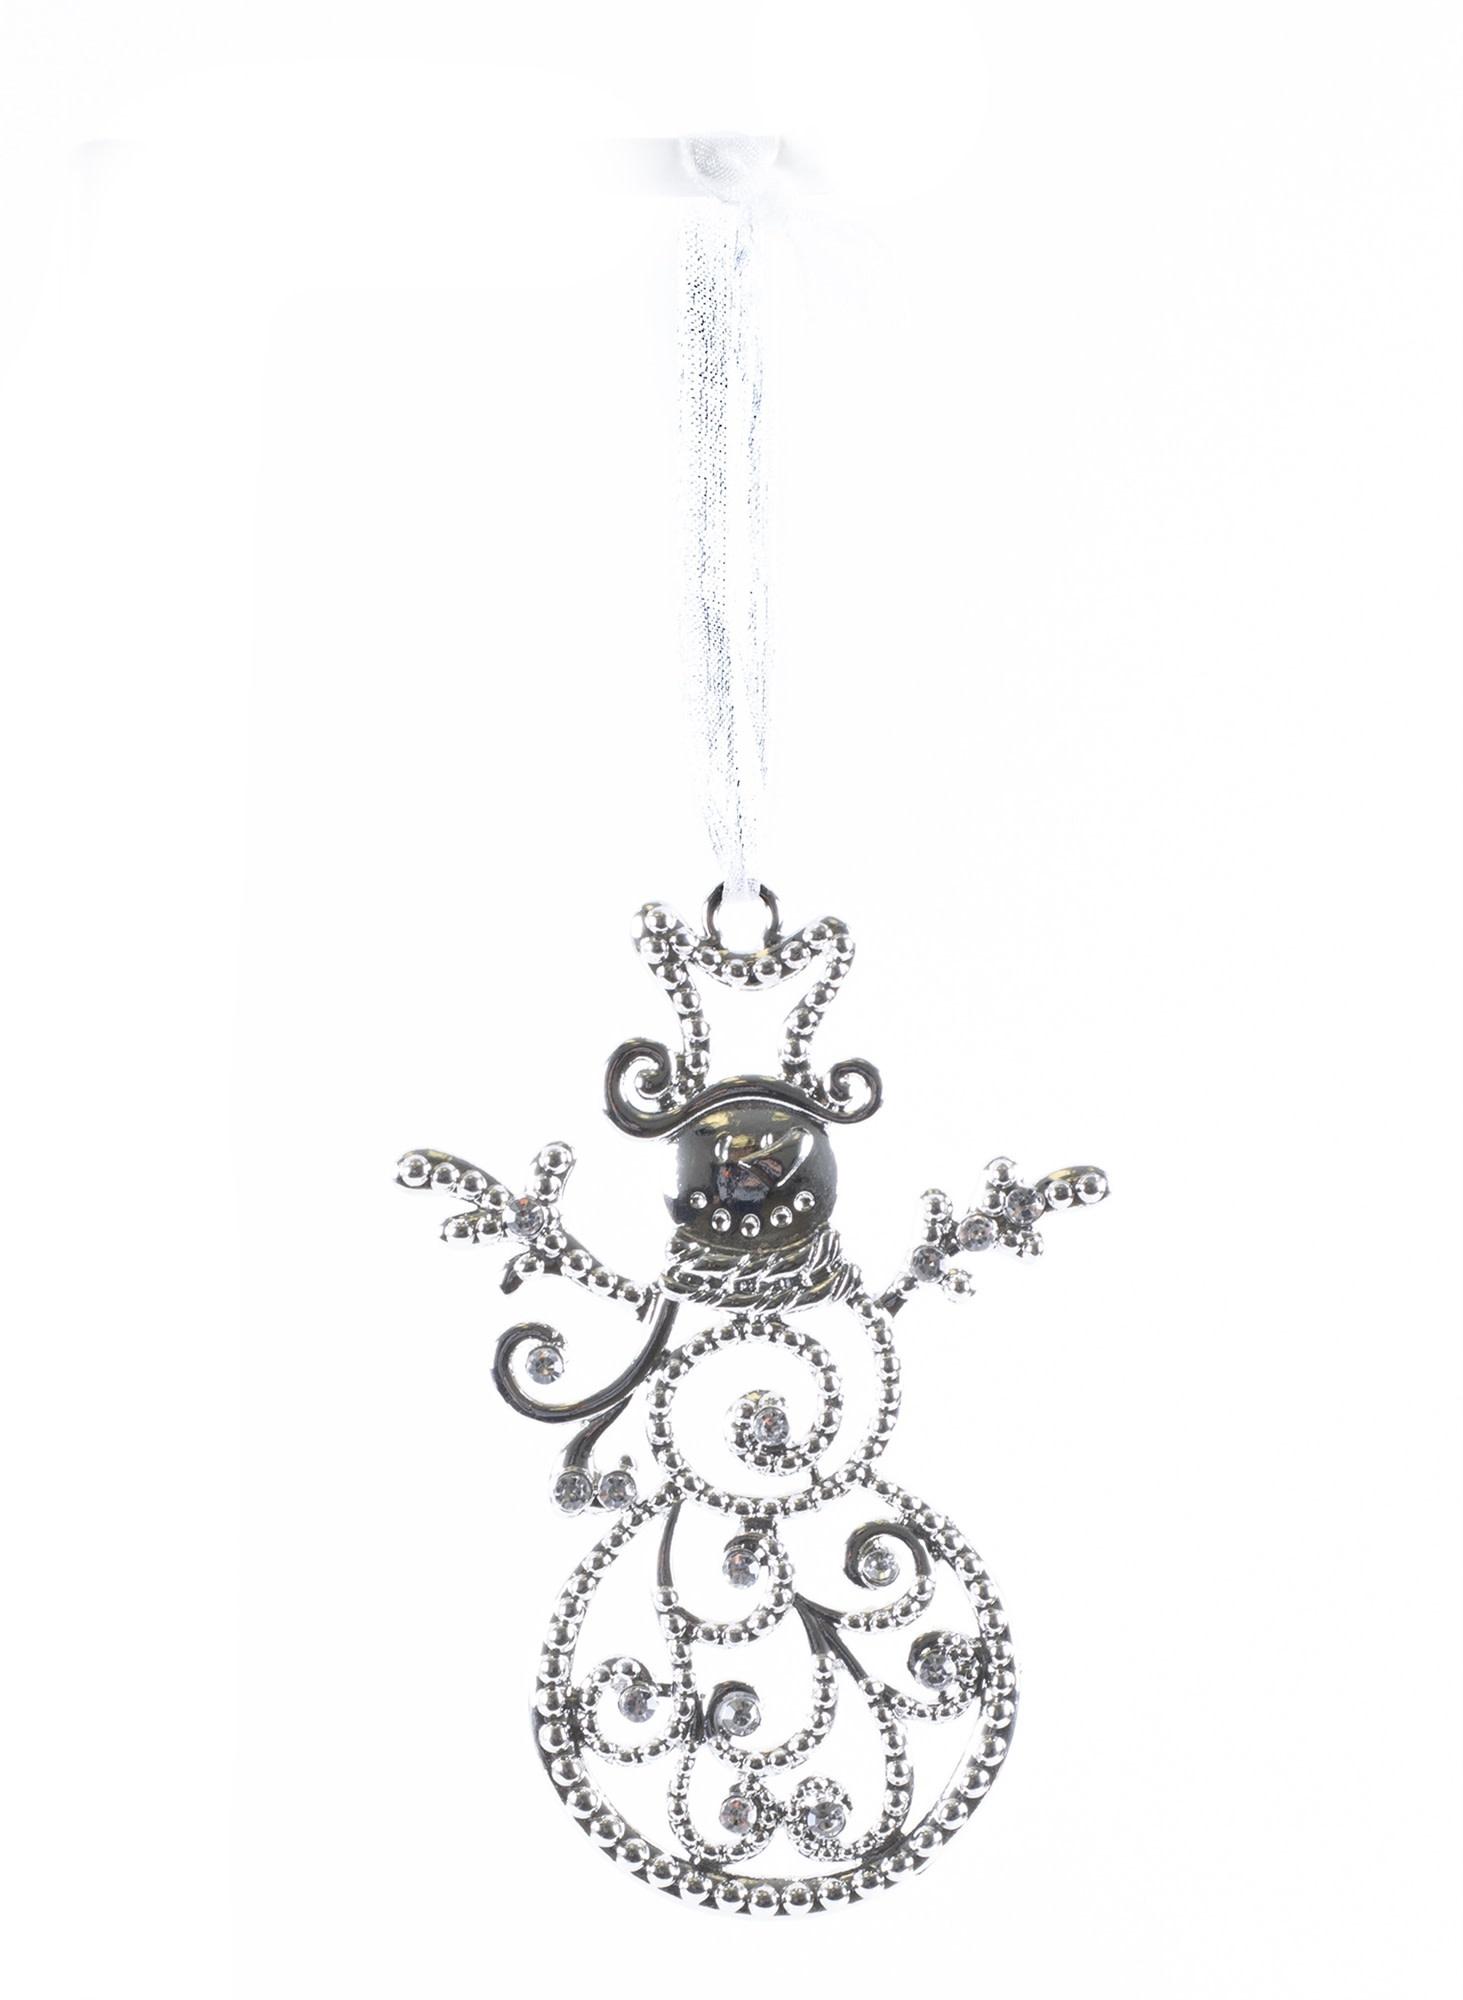 Silver Crystal Swirl Snowman Ornament